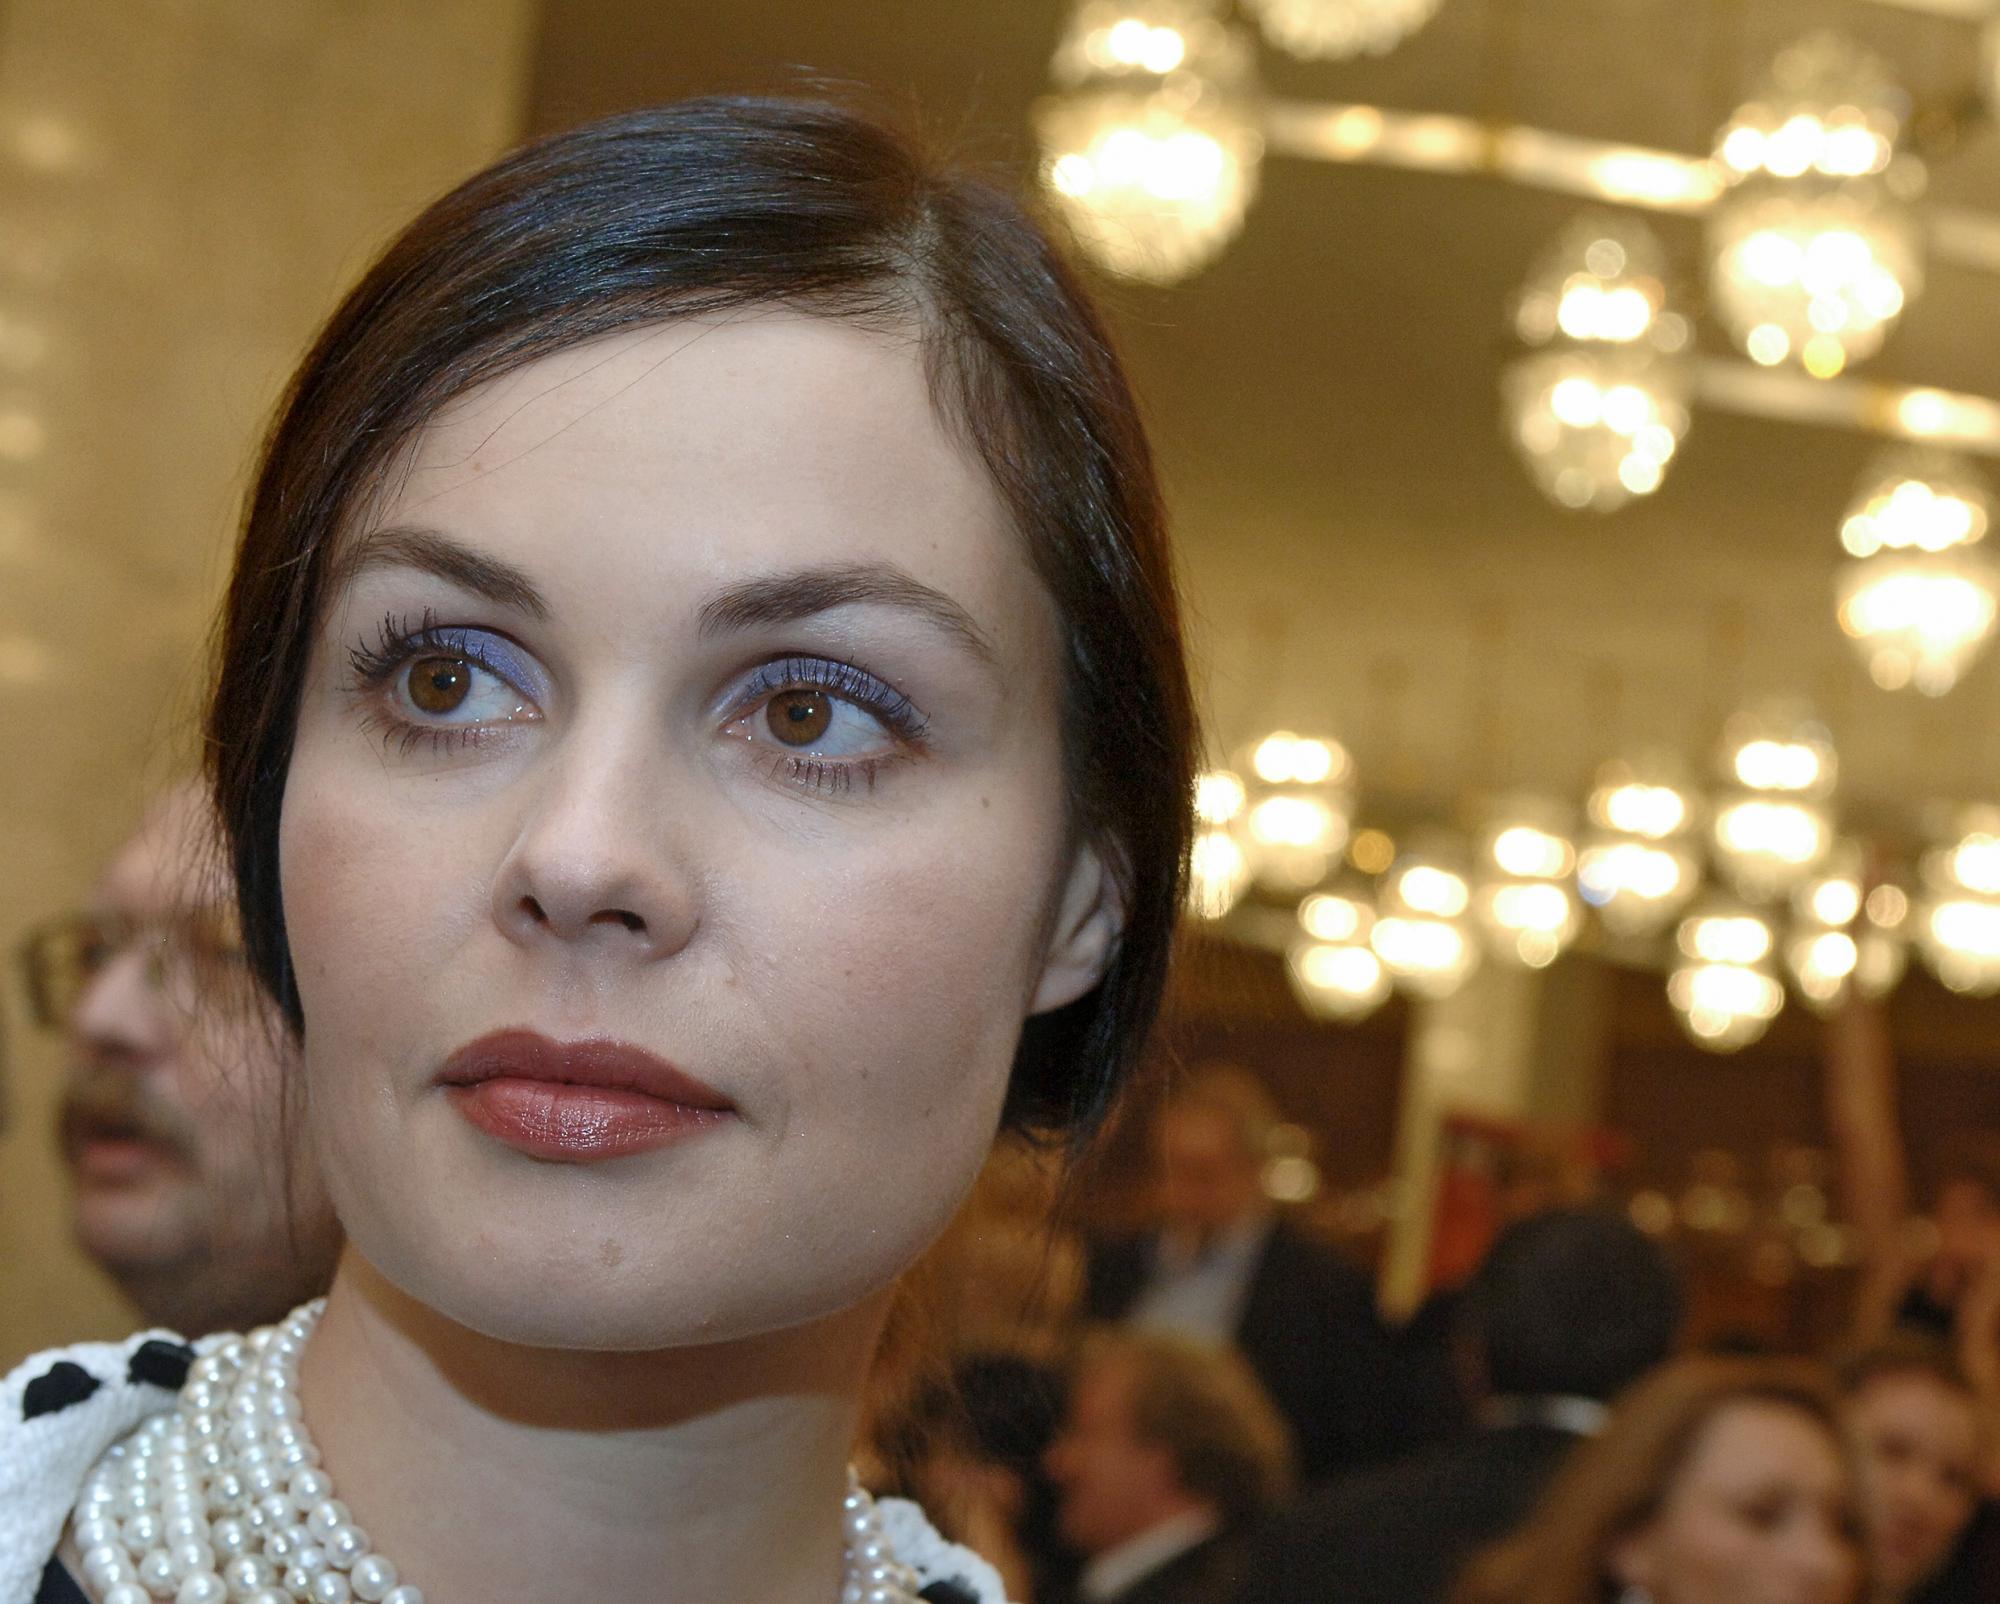 екатерина андреева википедия фото дочери